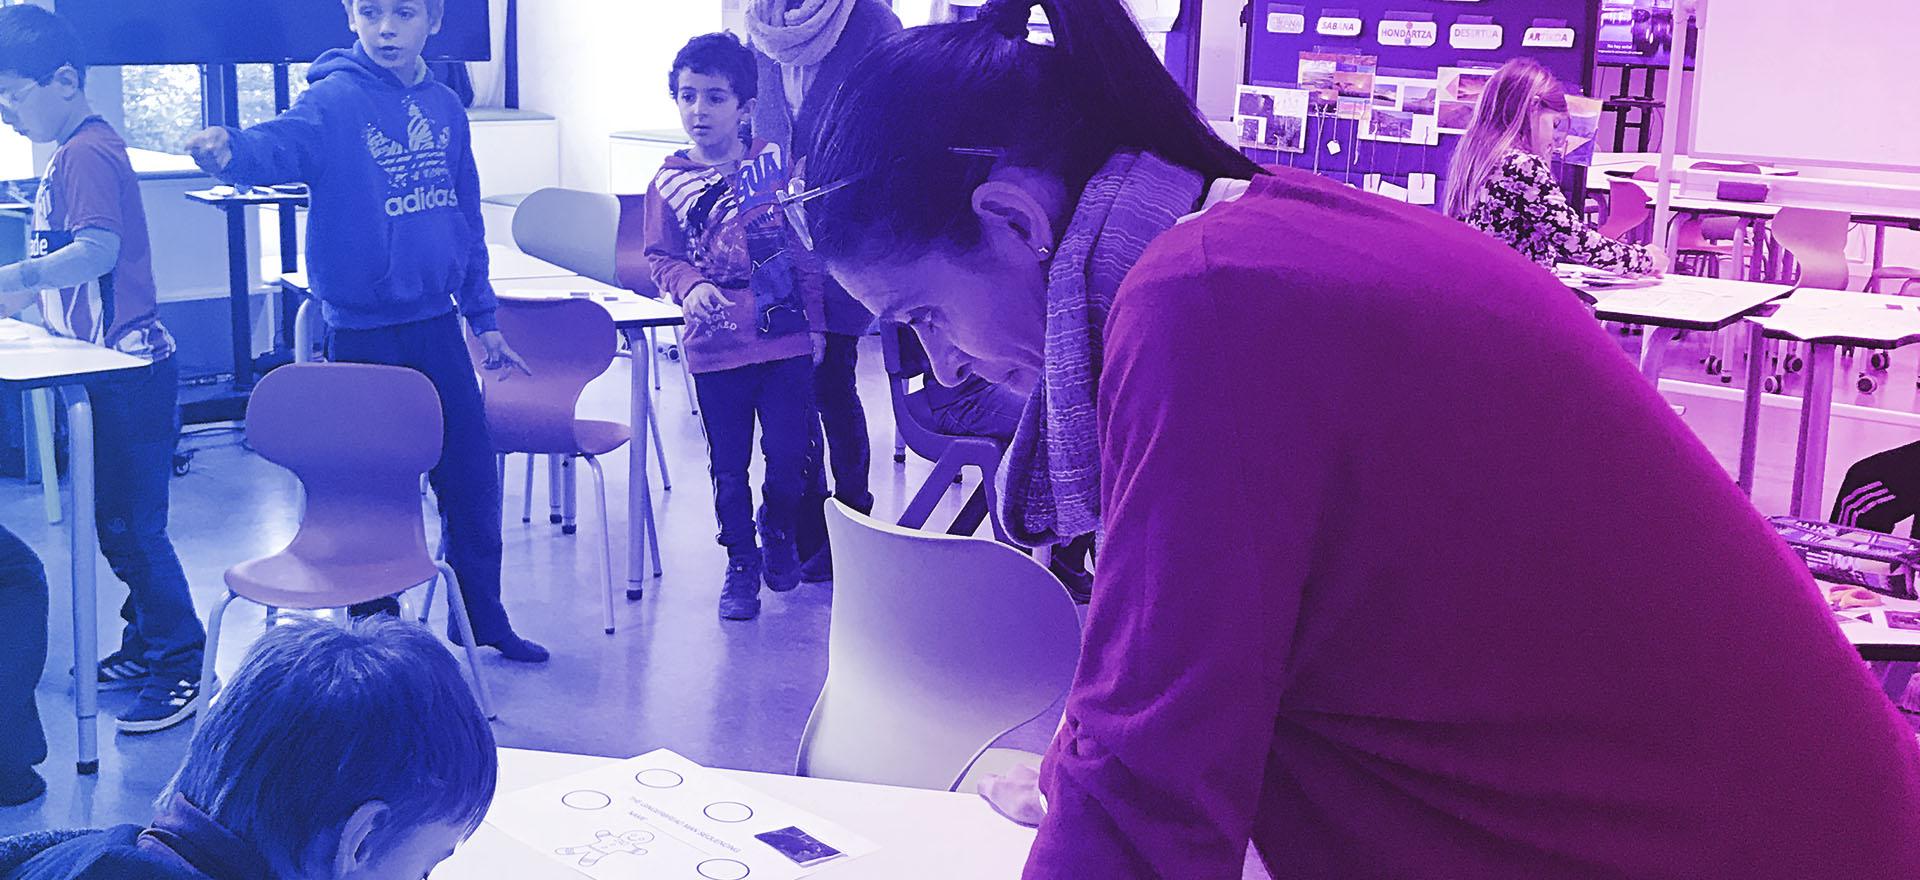 Formación docente con Mar Romera en Aula